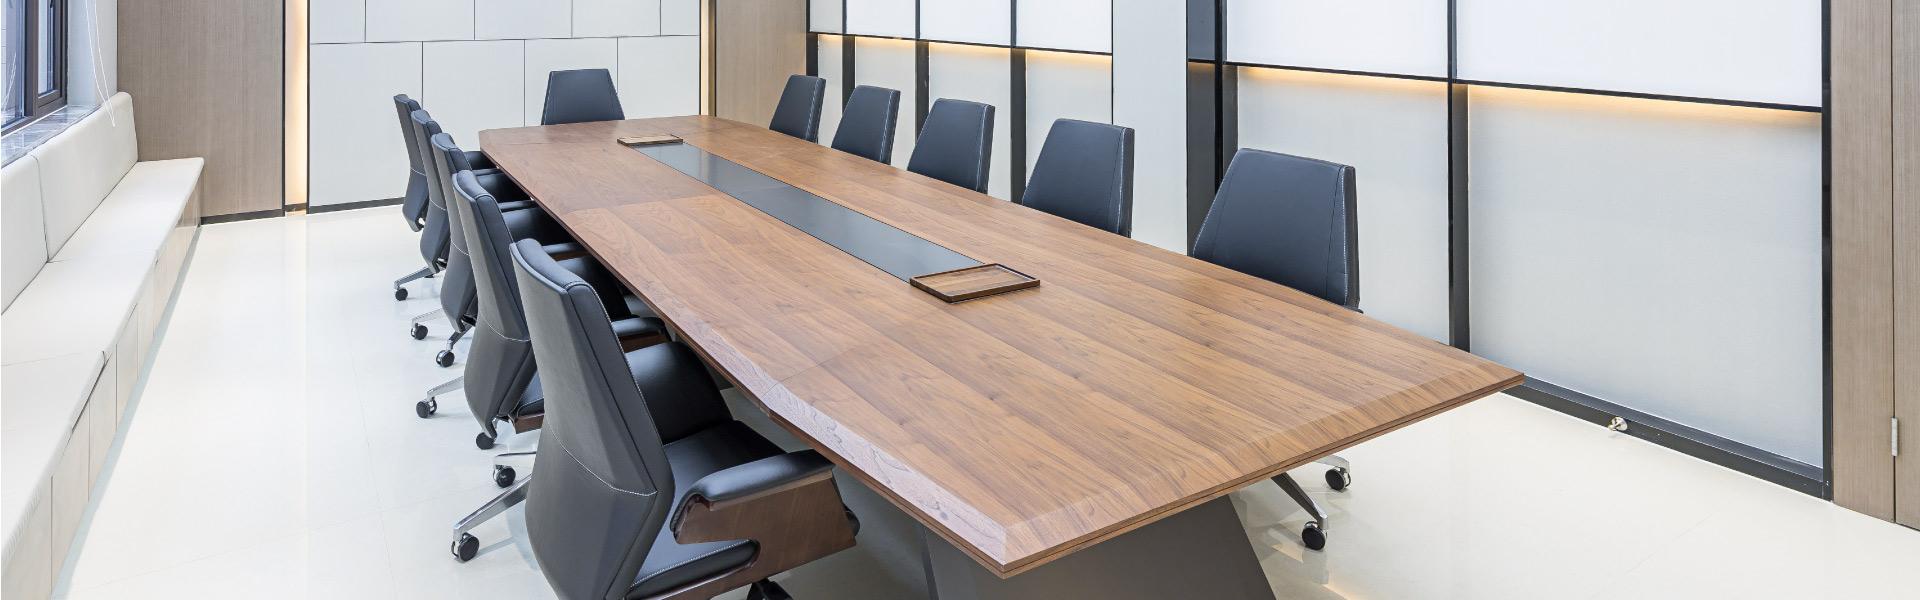 德业建设会议空间 圣奥办公家具设计